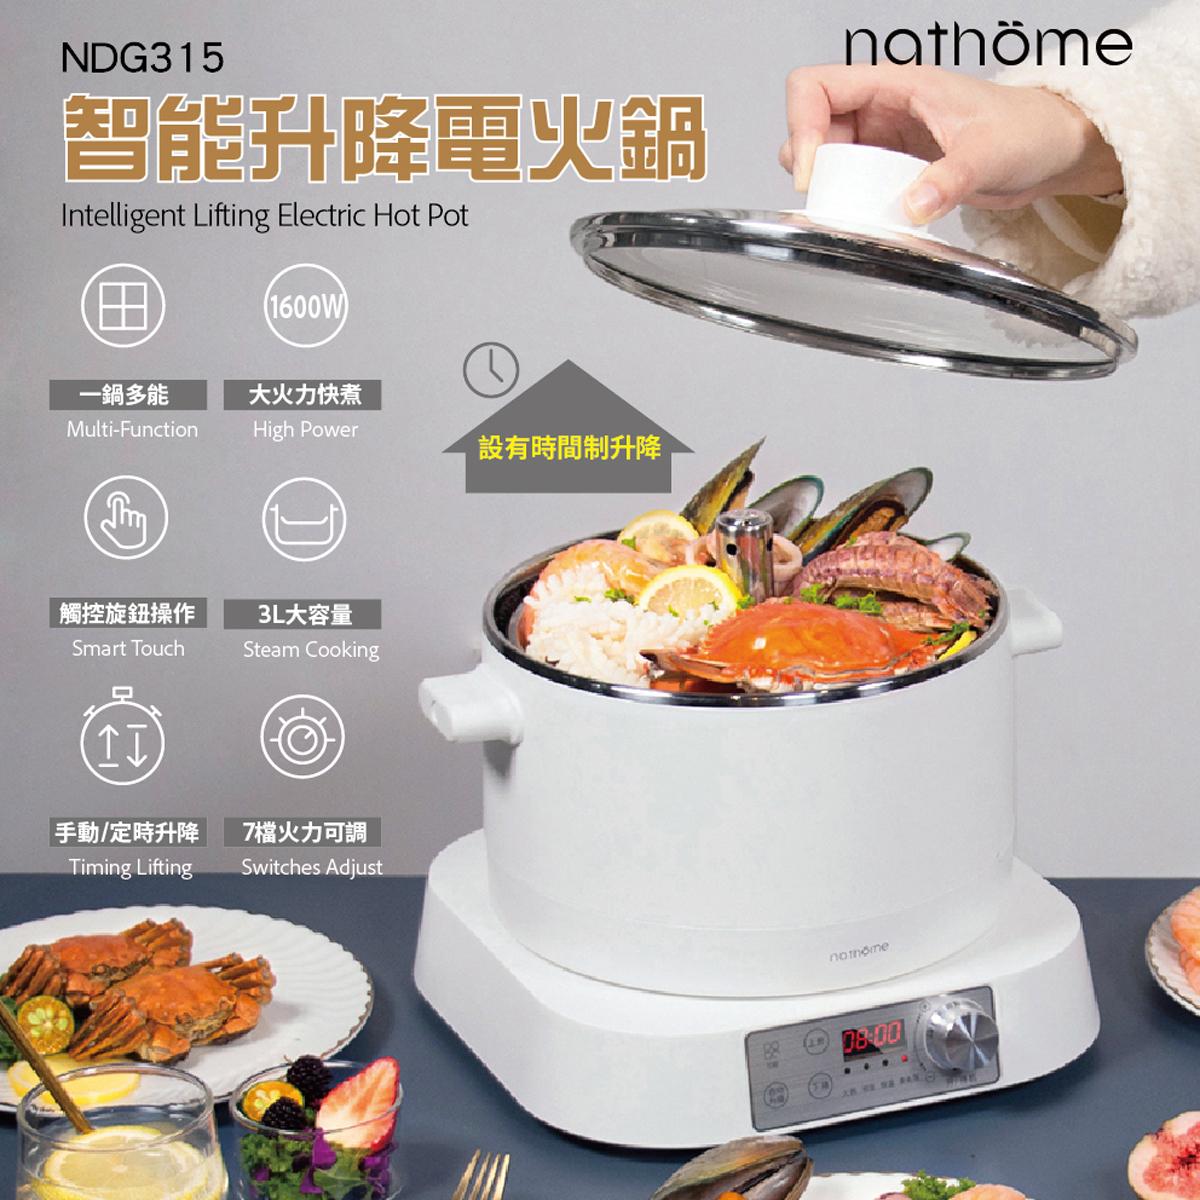 《新》nathome智能升降電火鍋(附食物時間制升降功能)